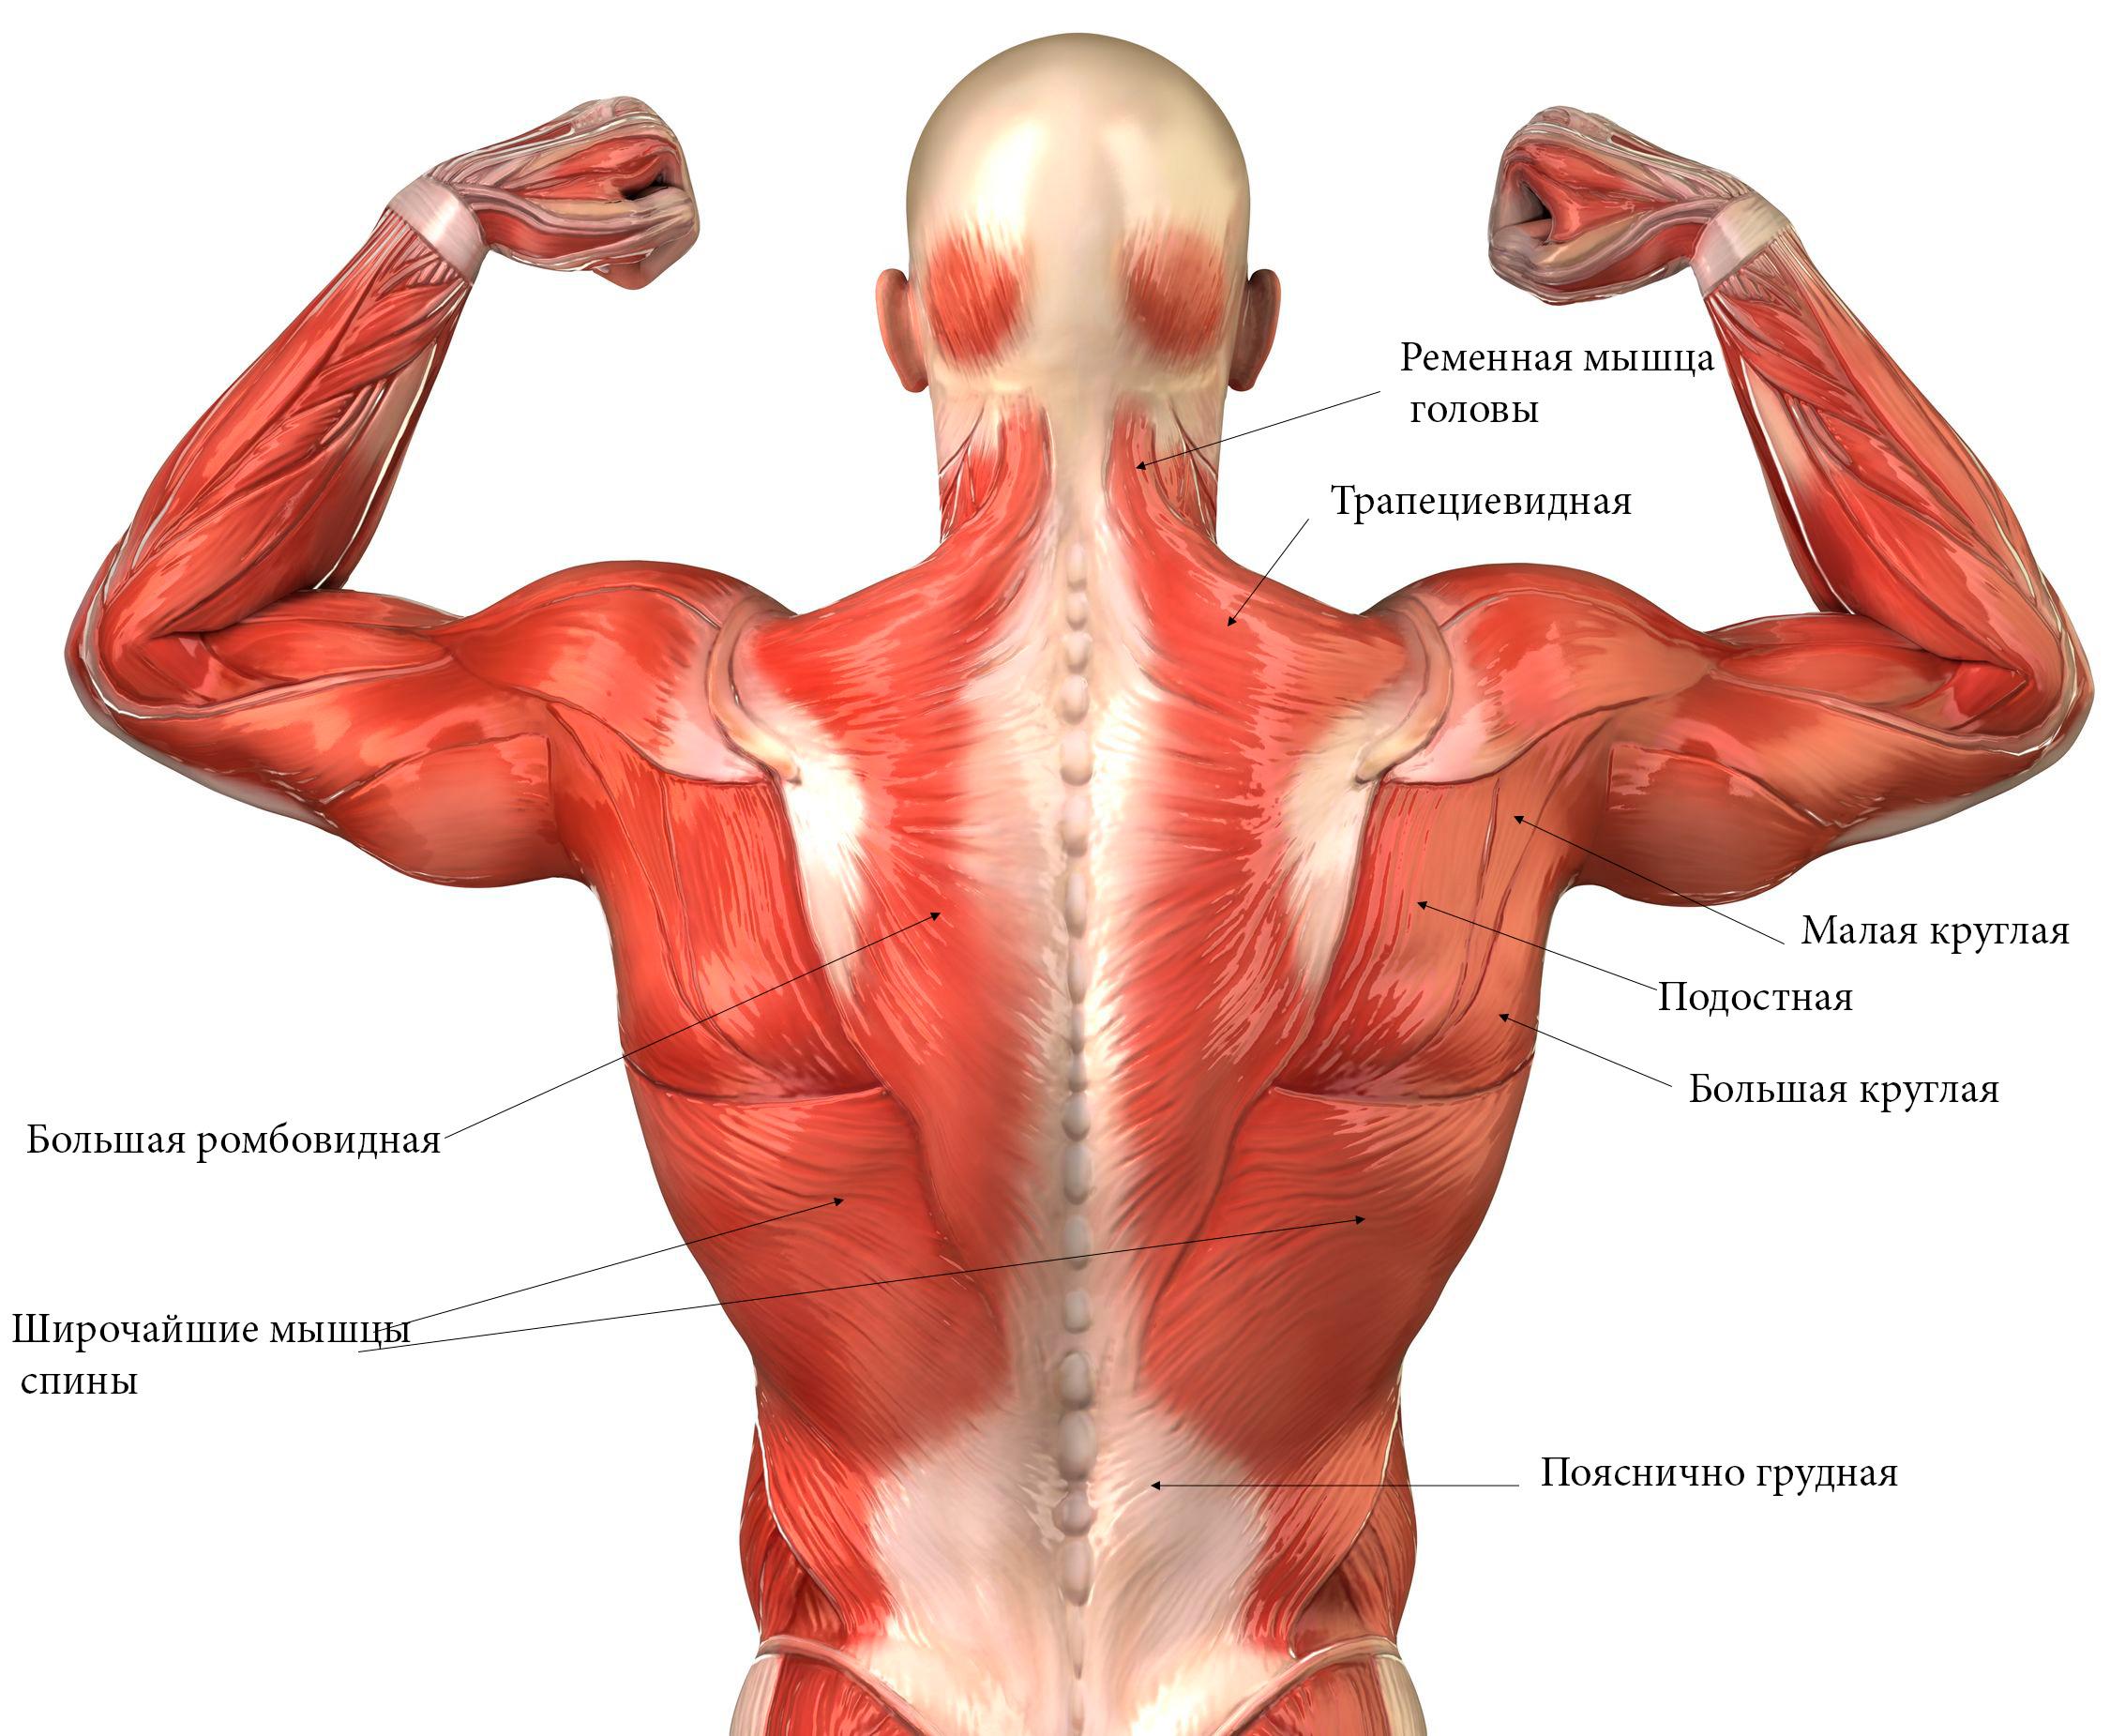 anatomiya-zhenskih-organov-v-kartinkah-mishtsi-rizhaya-telka-v-chernom-kombidrese-liho-skachet-na-chlene